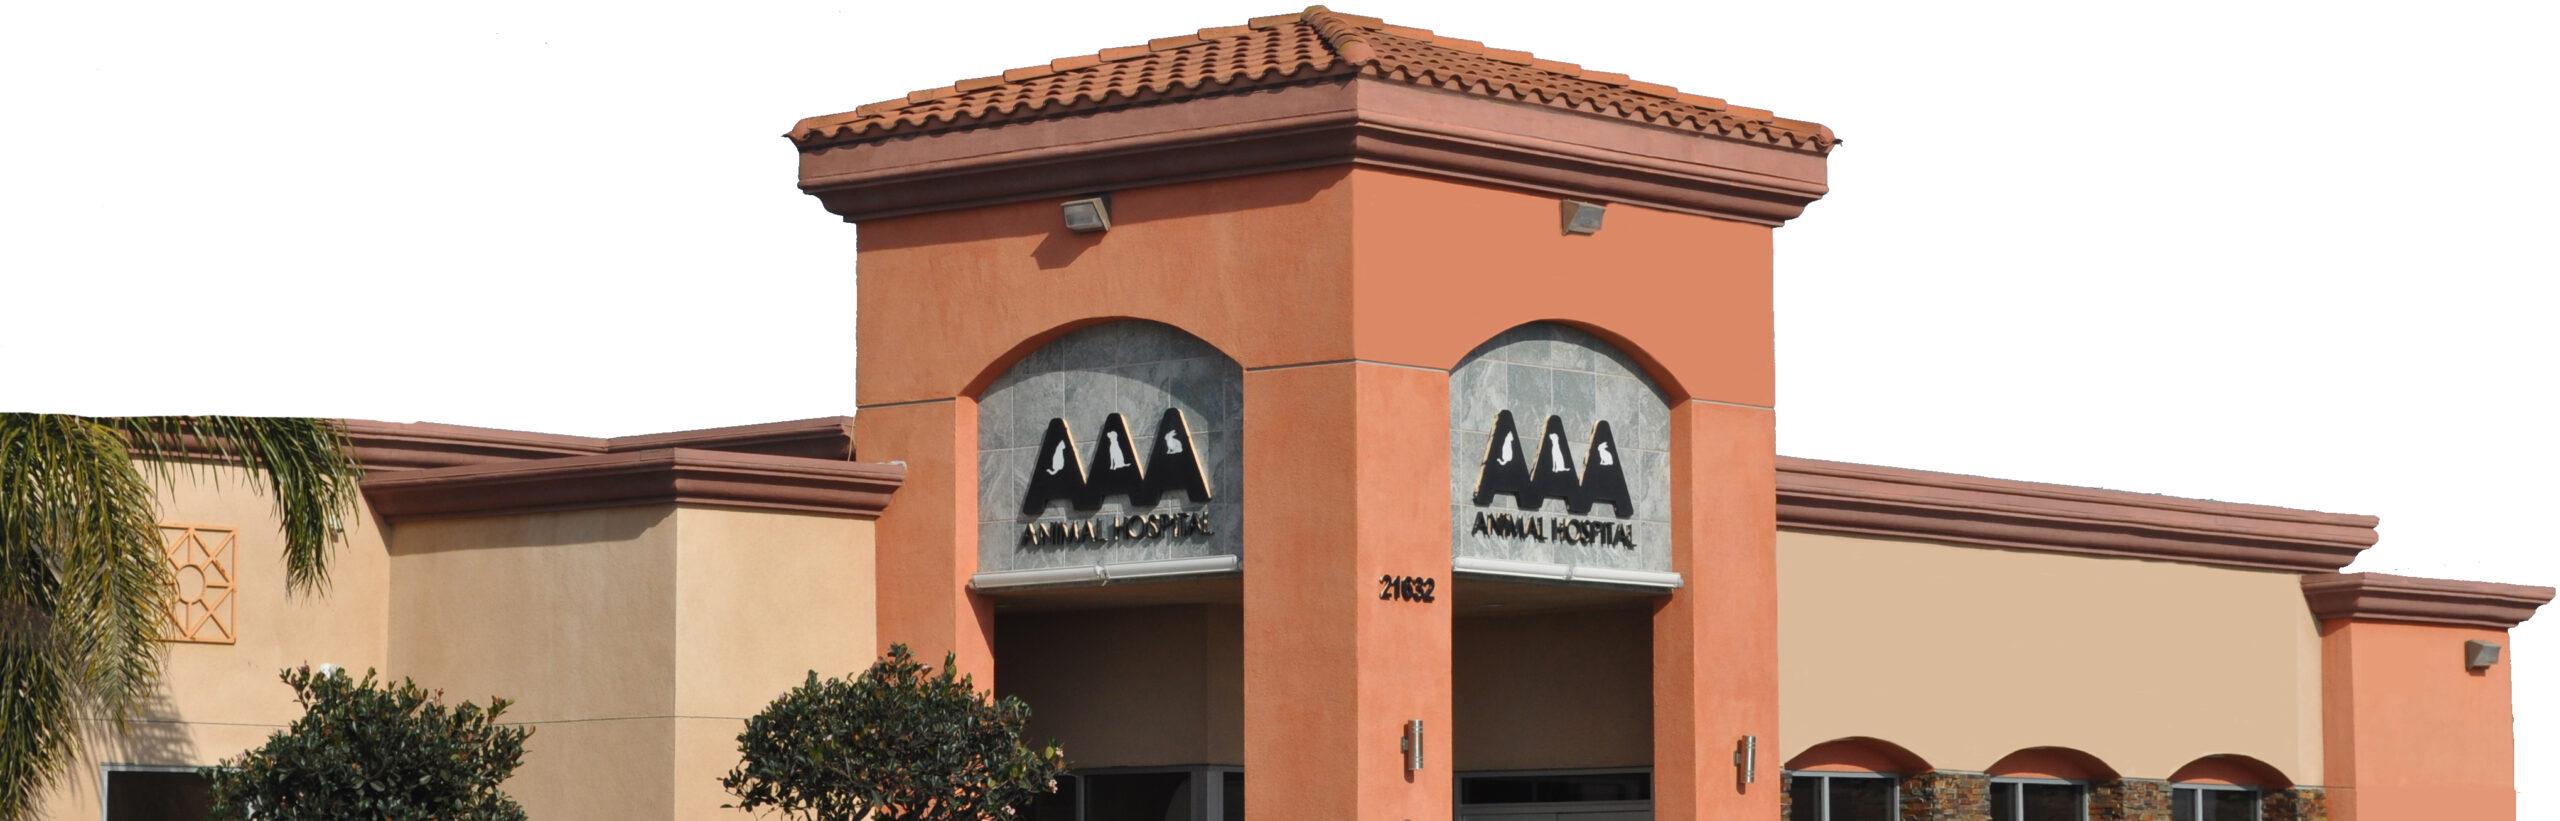 AAA Animal Hospital Home Photo Slider